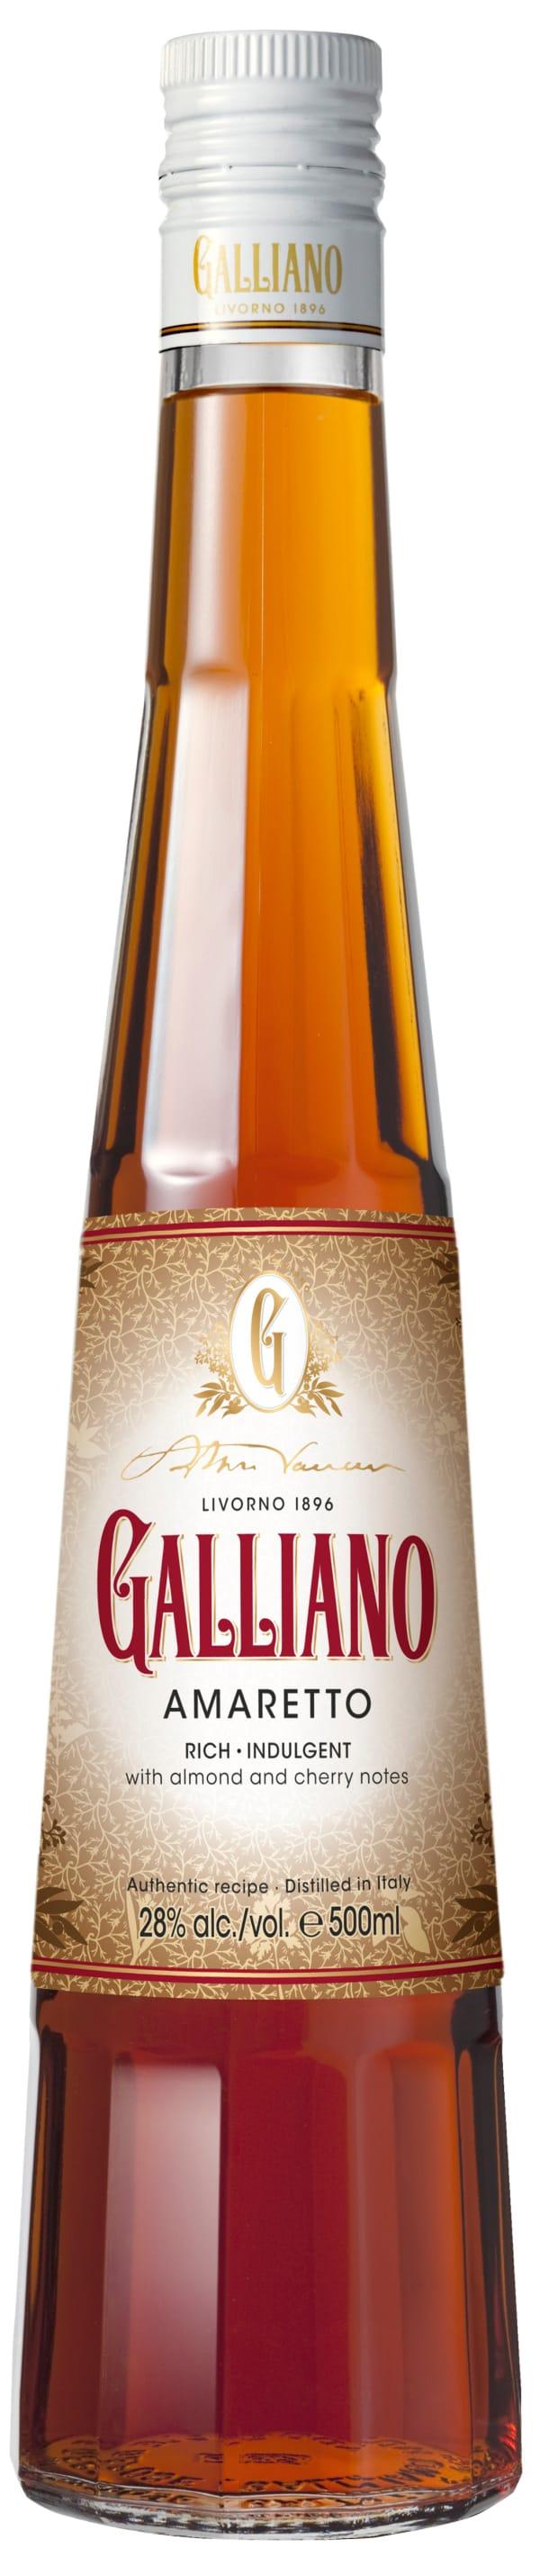 Galliano Amaretto